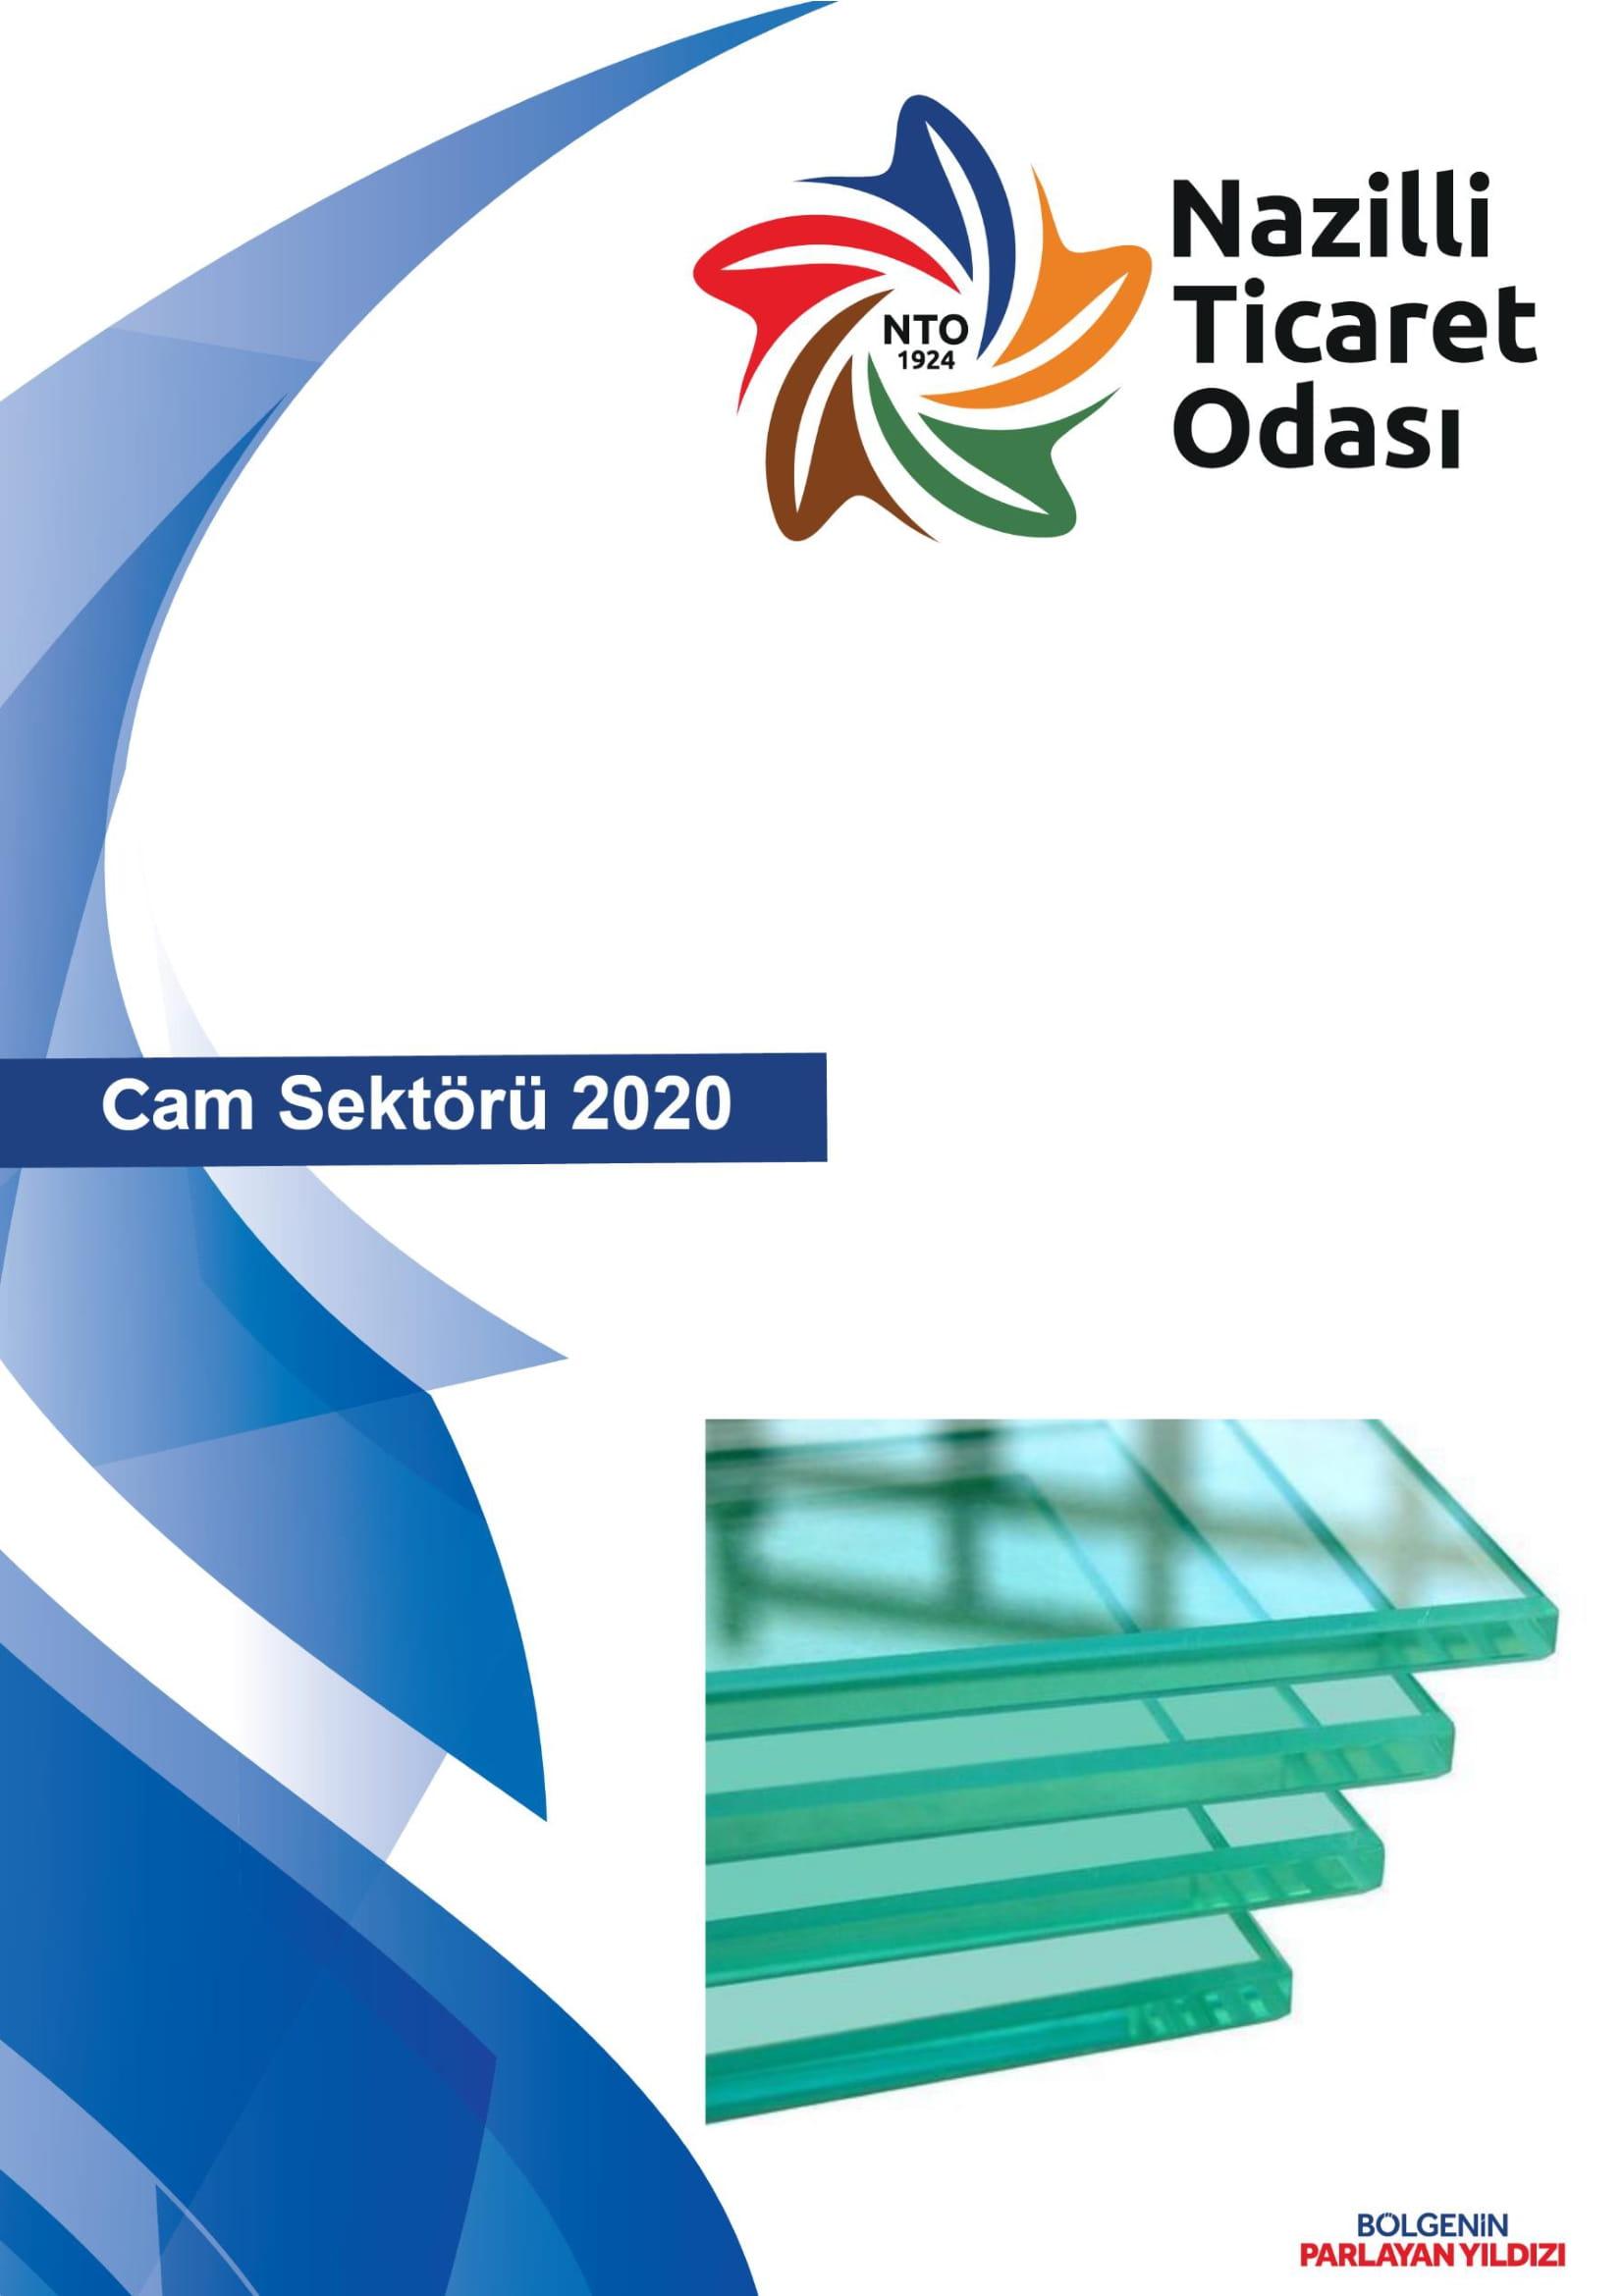 CamSektorRaporu2020-dönüştürüldü (1)-01